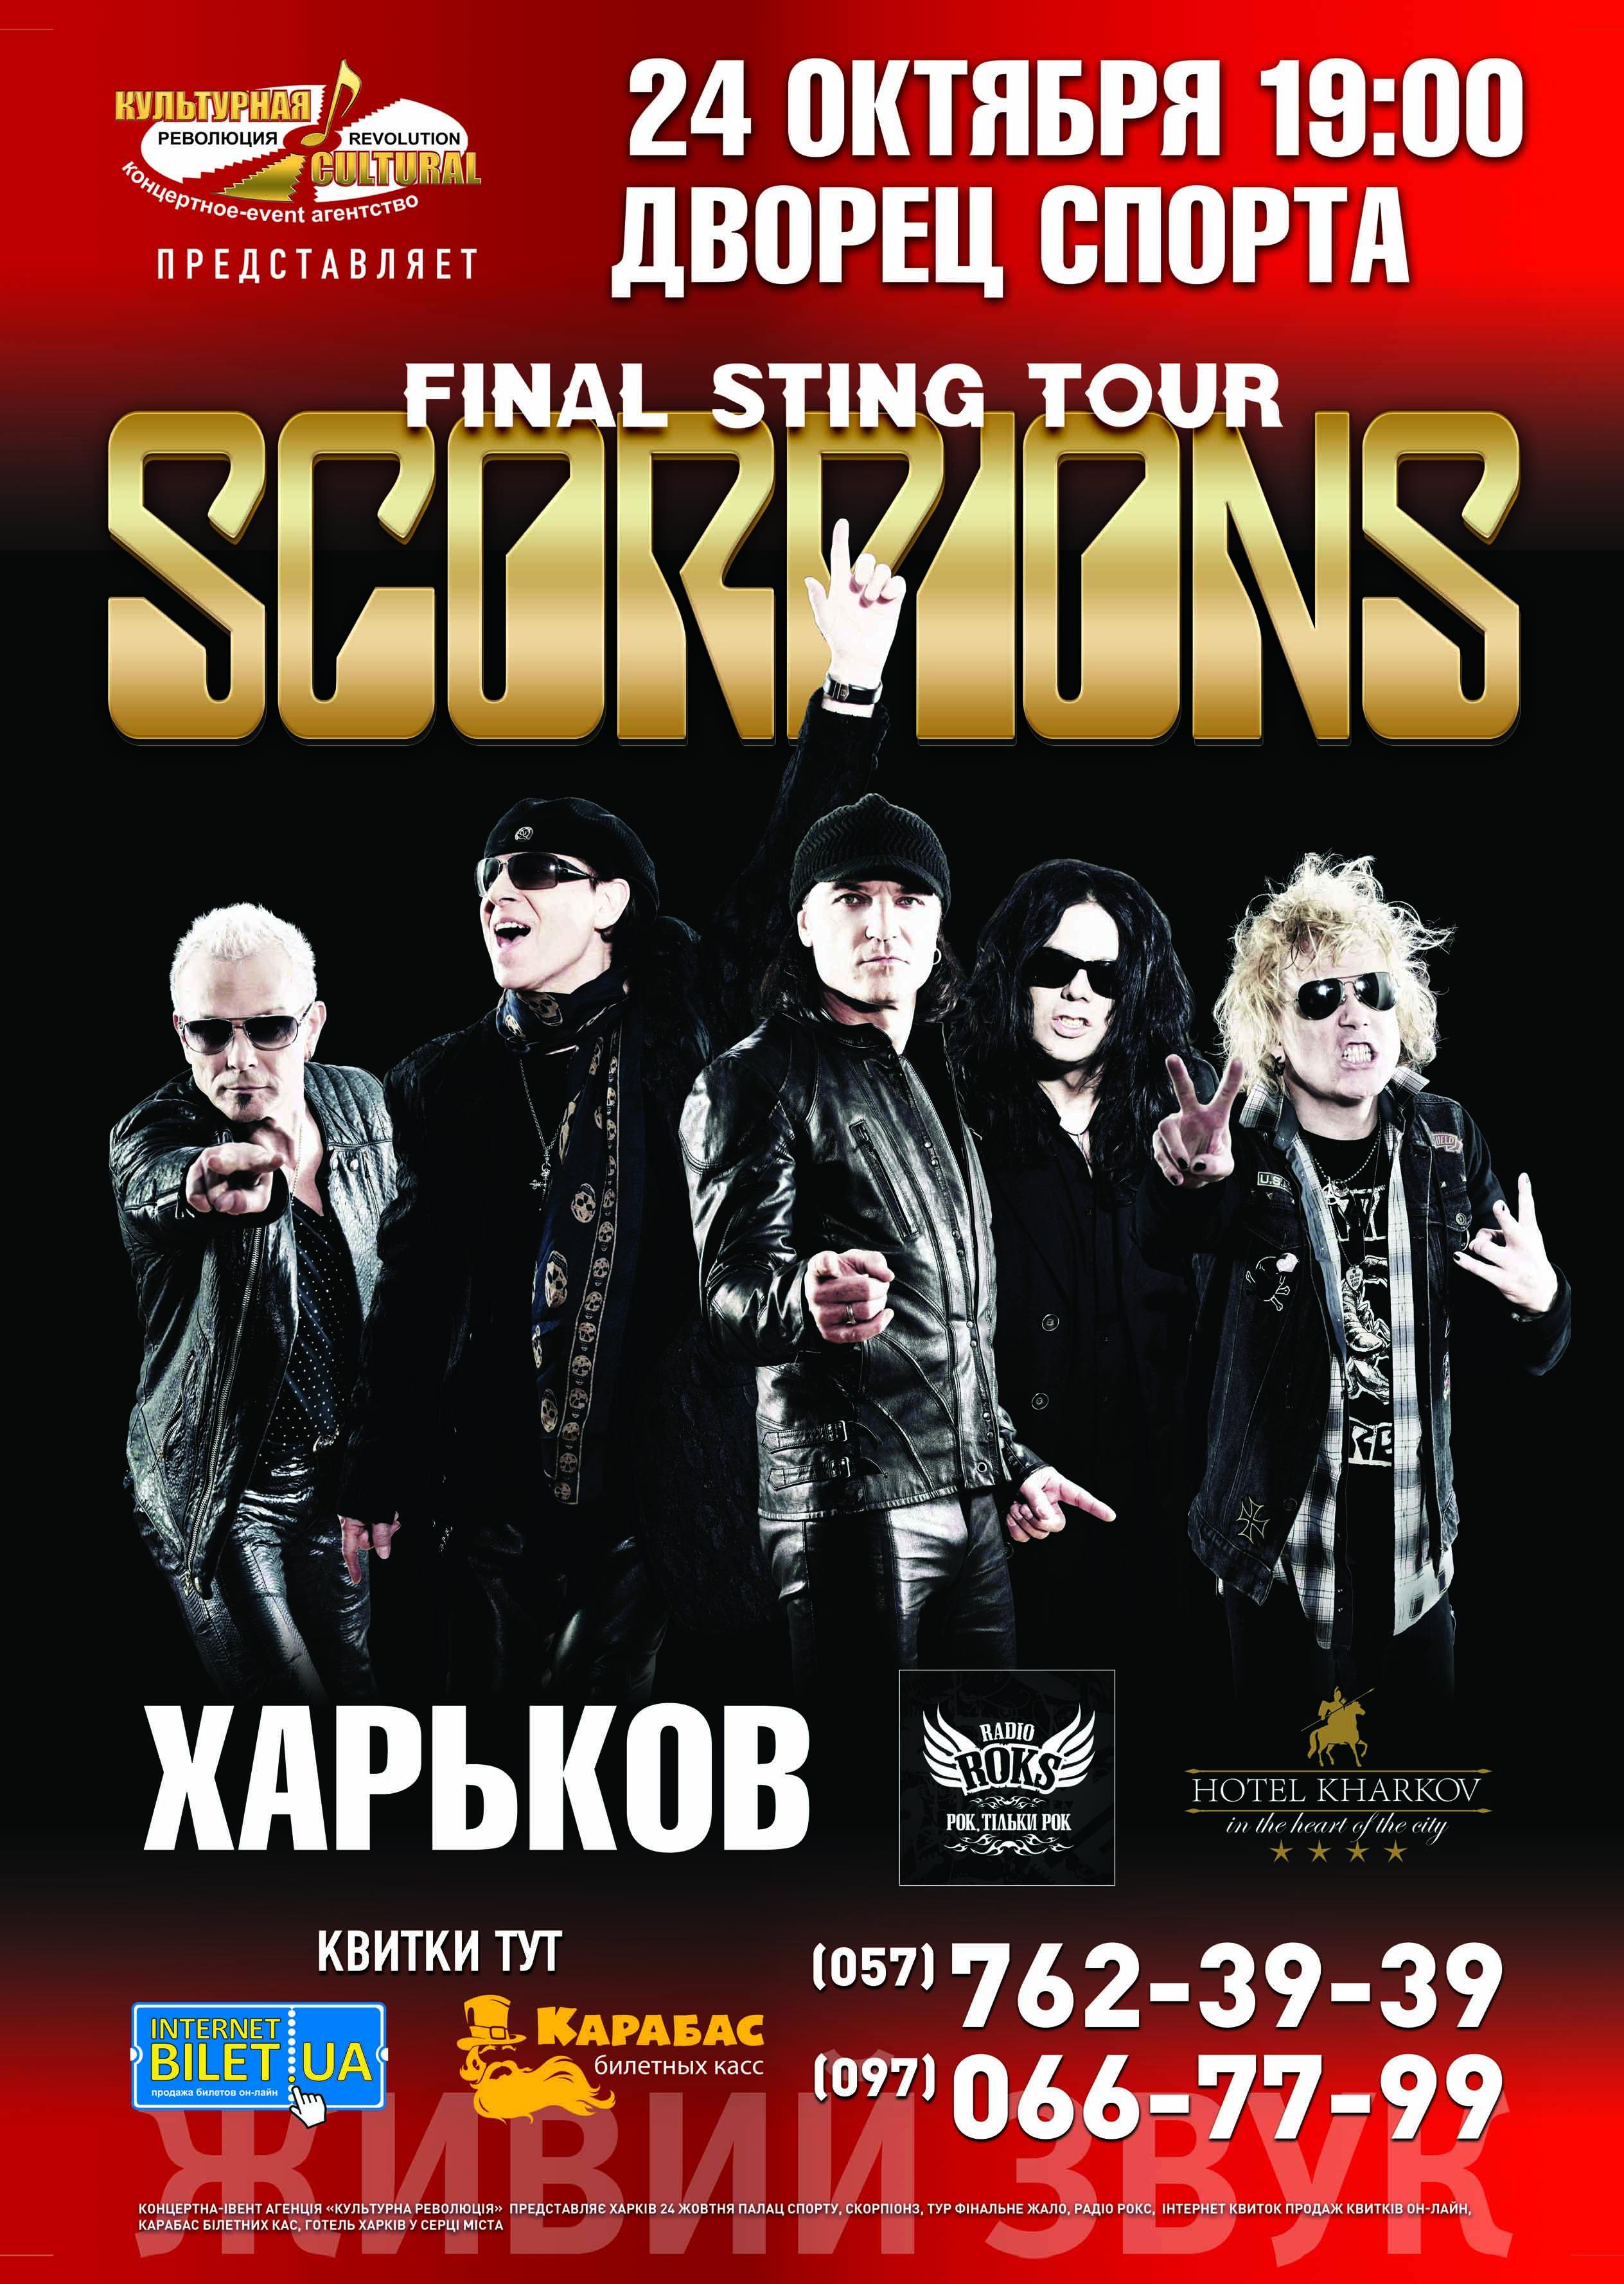 Концерты в харьков билеты билеты спектакли москвы